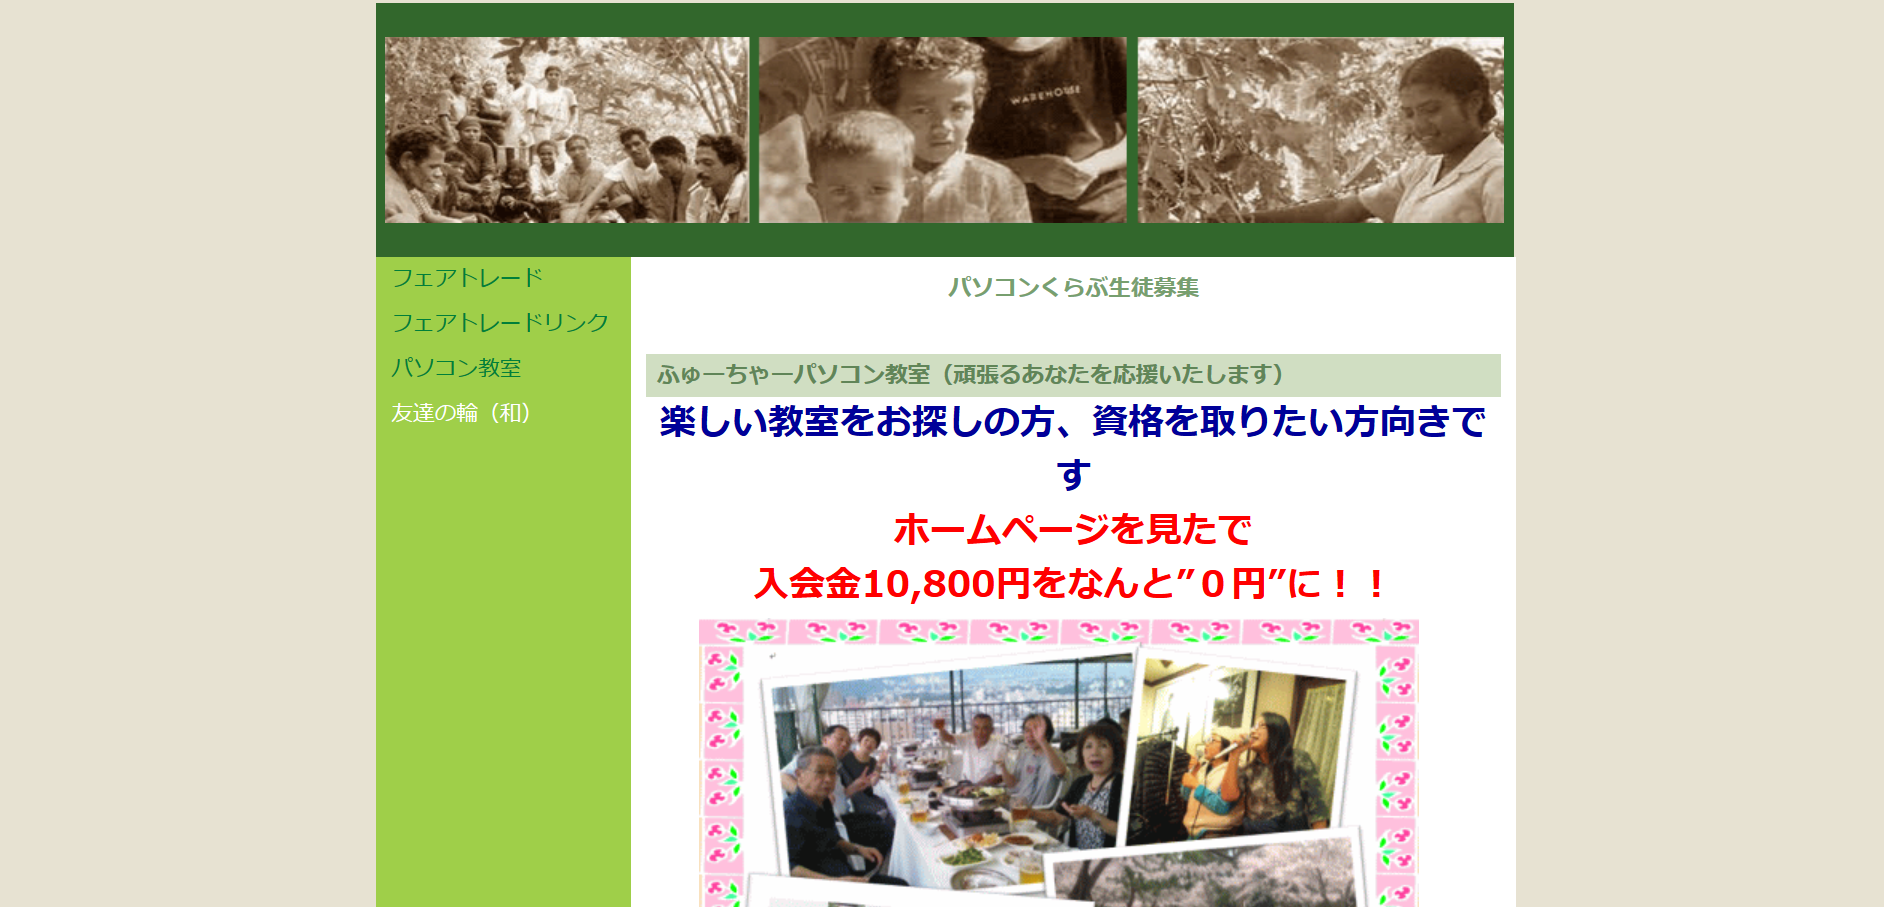 ふゅーちゃーパソコン教室 別府駅前教室の評判・口コミ